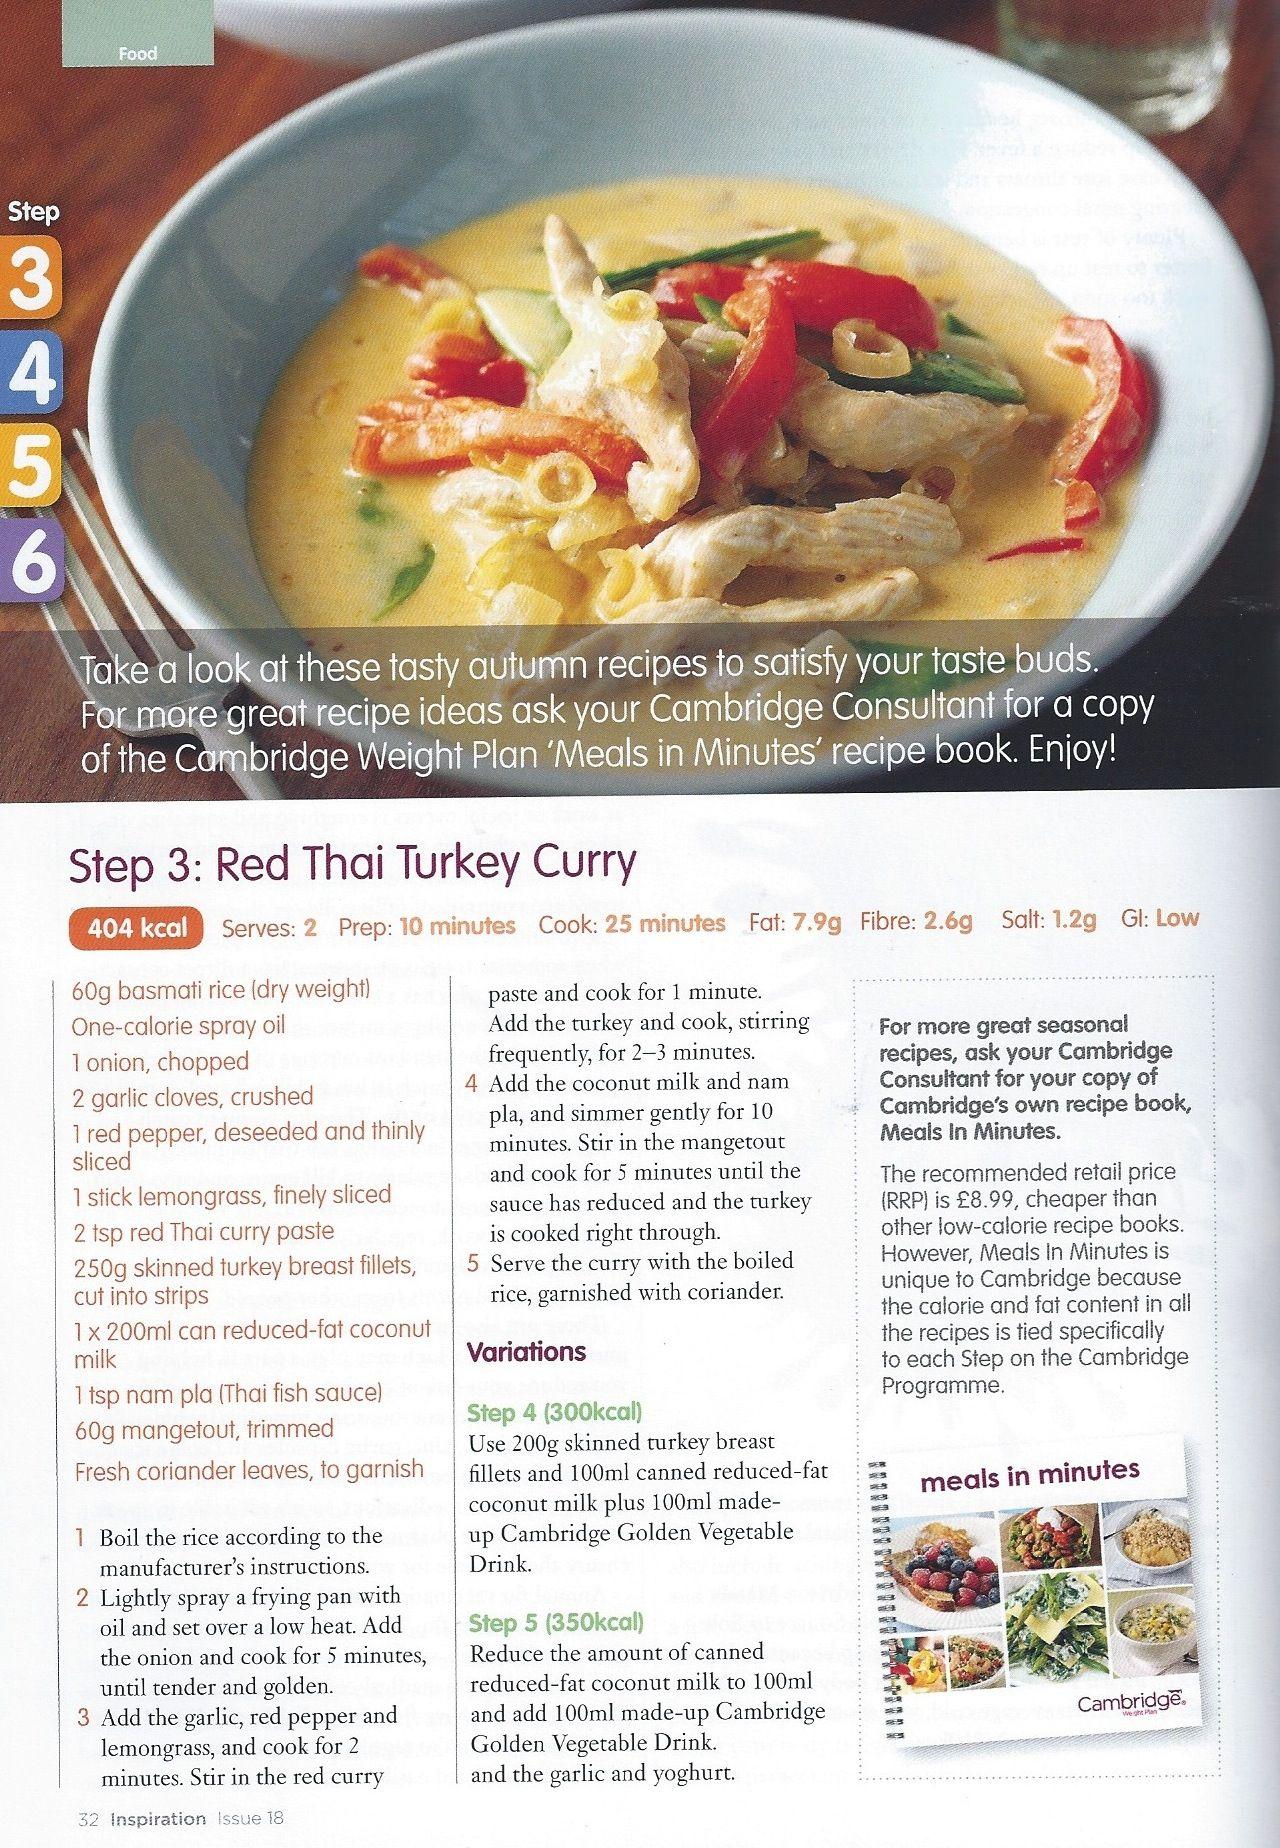 Red Thai Turkey Curry Step 3 Cambridge Weight PlanCambridge Diet